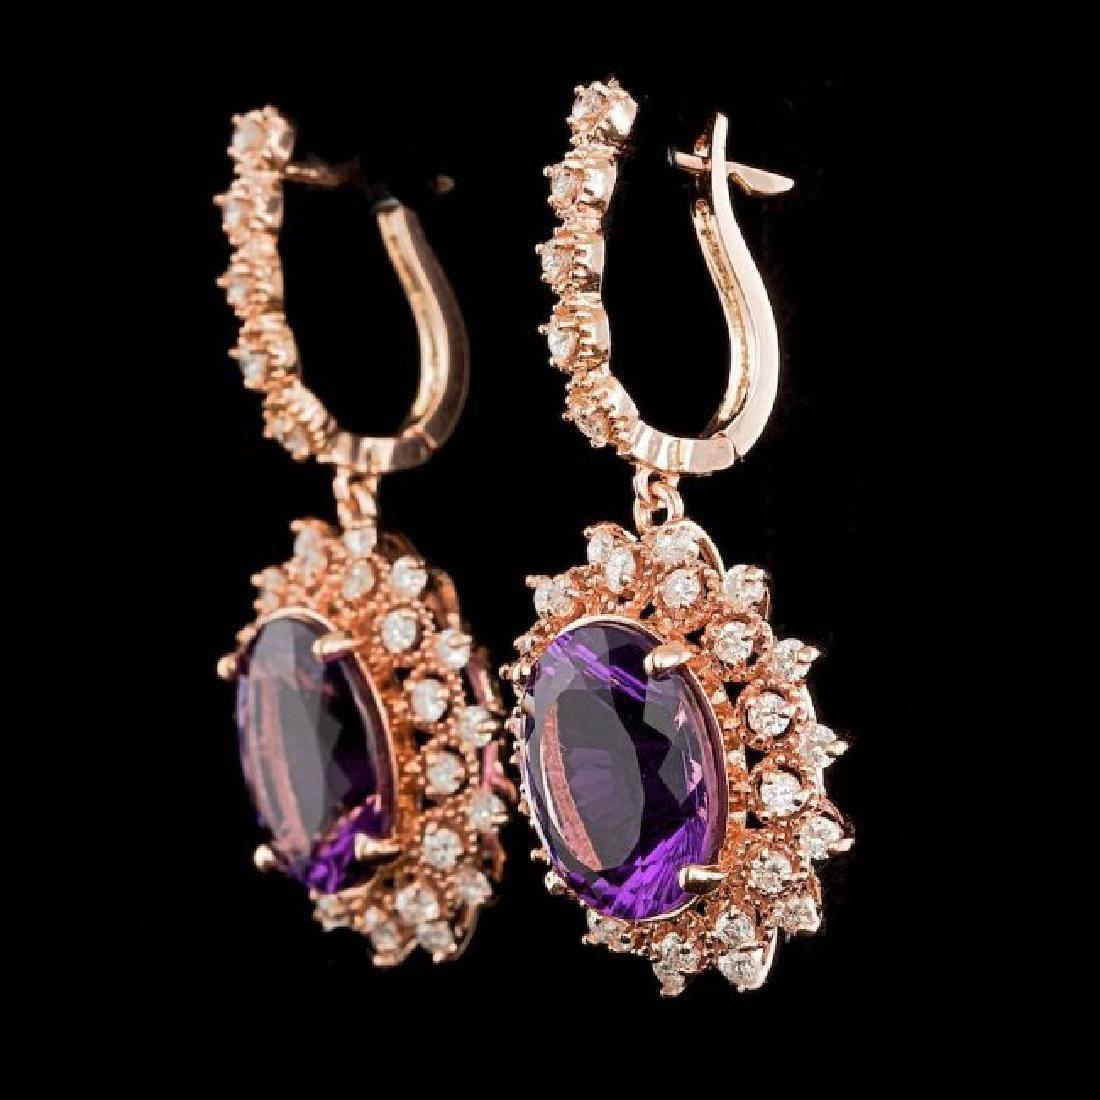 14k Rose 10.00ct Amethyst 1.85ct Diamond Earrings - 2